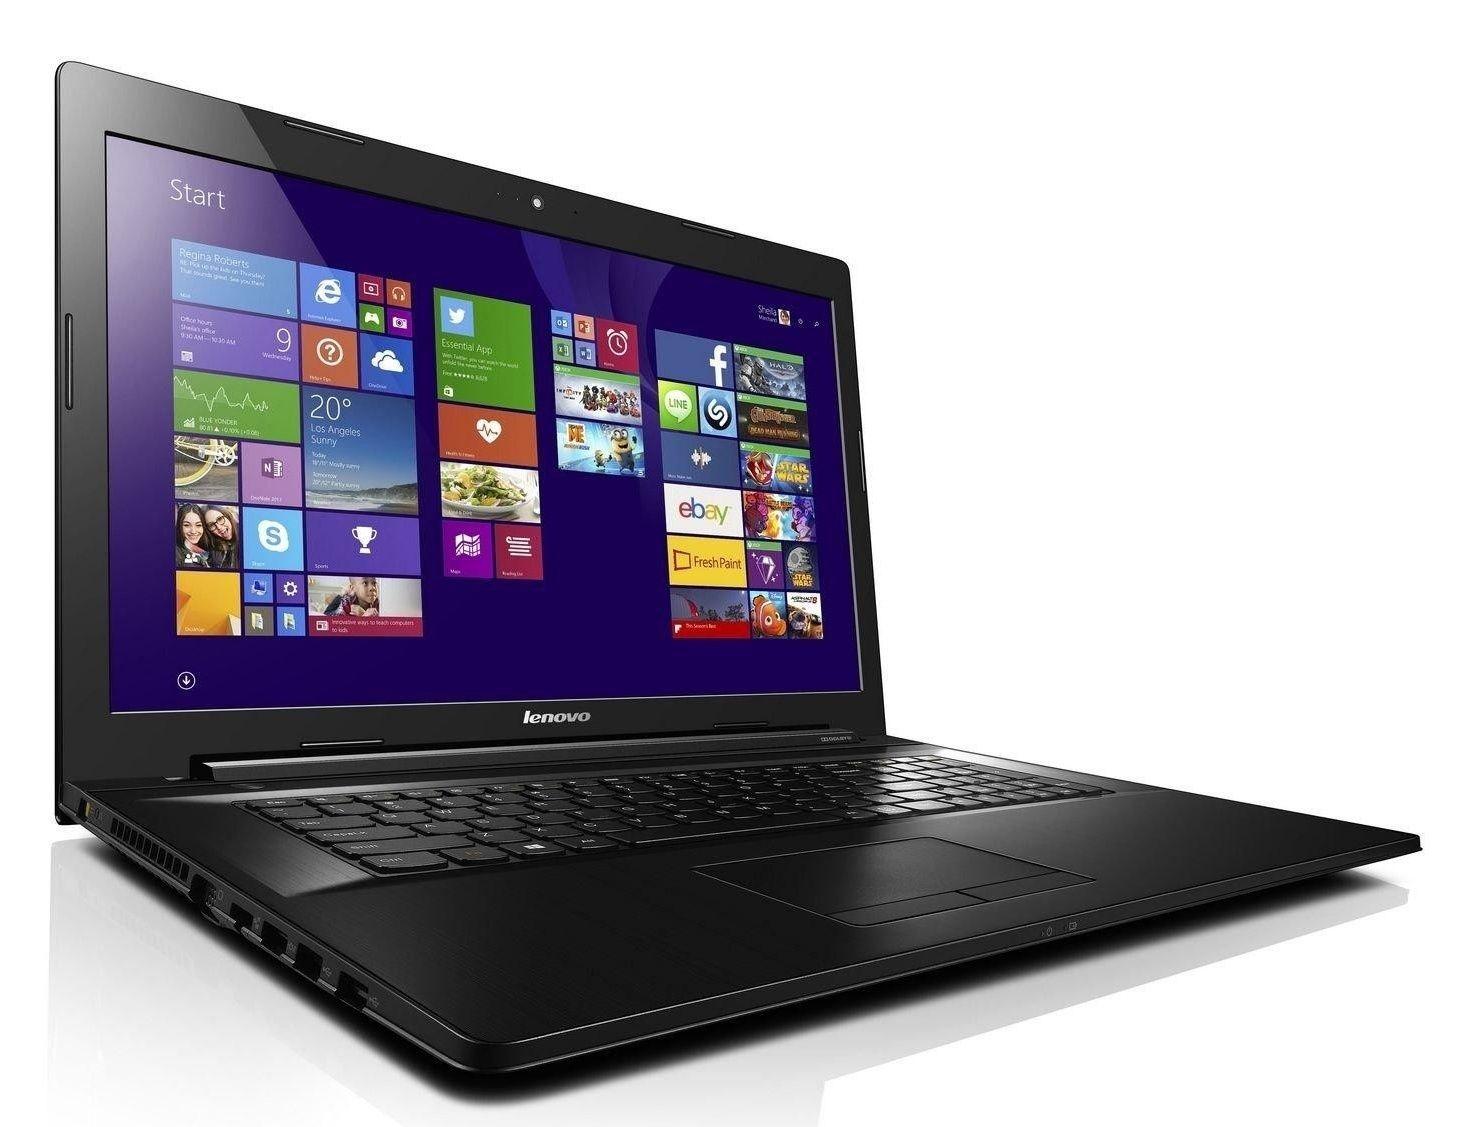 Buy Cheap Lenovo Z70 80 Core I7 Laptop In Uk Best Gaming Laptop Lenovo Gaming Laptops